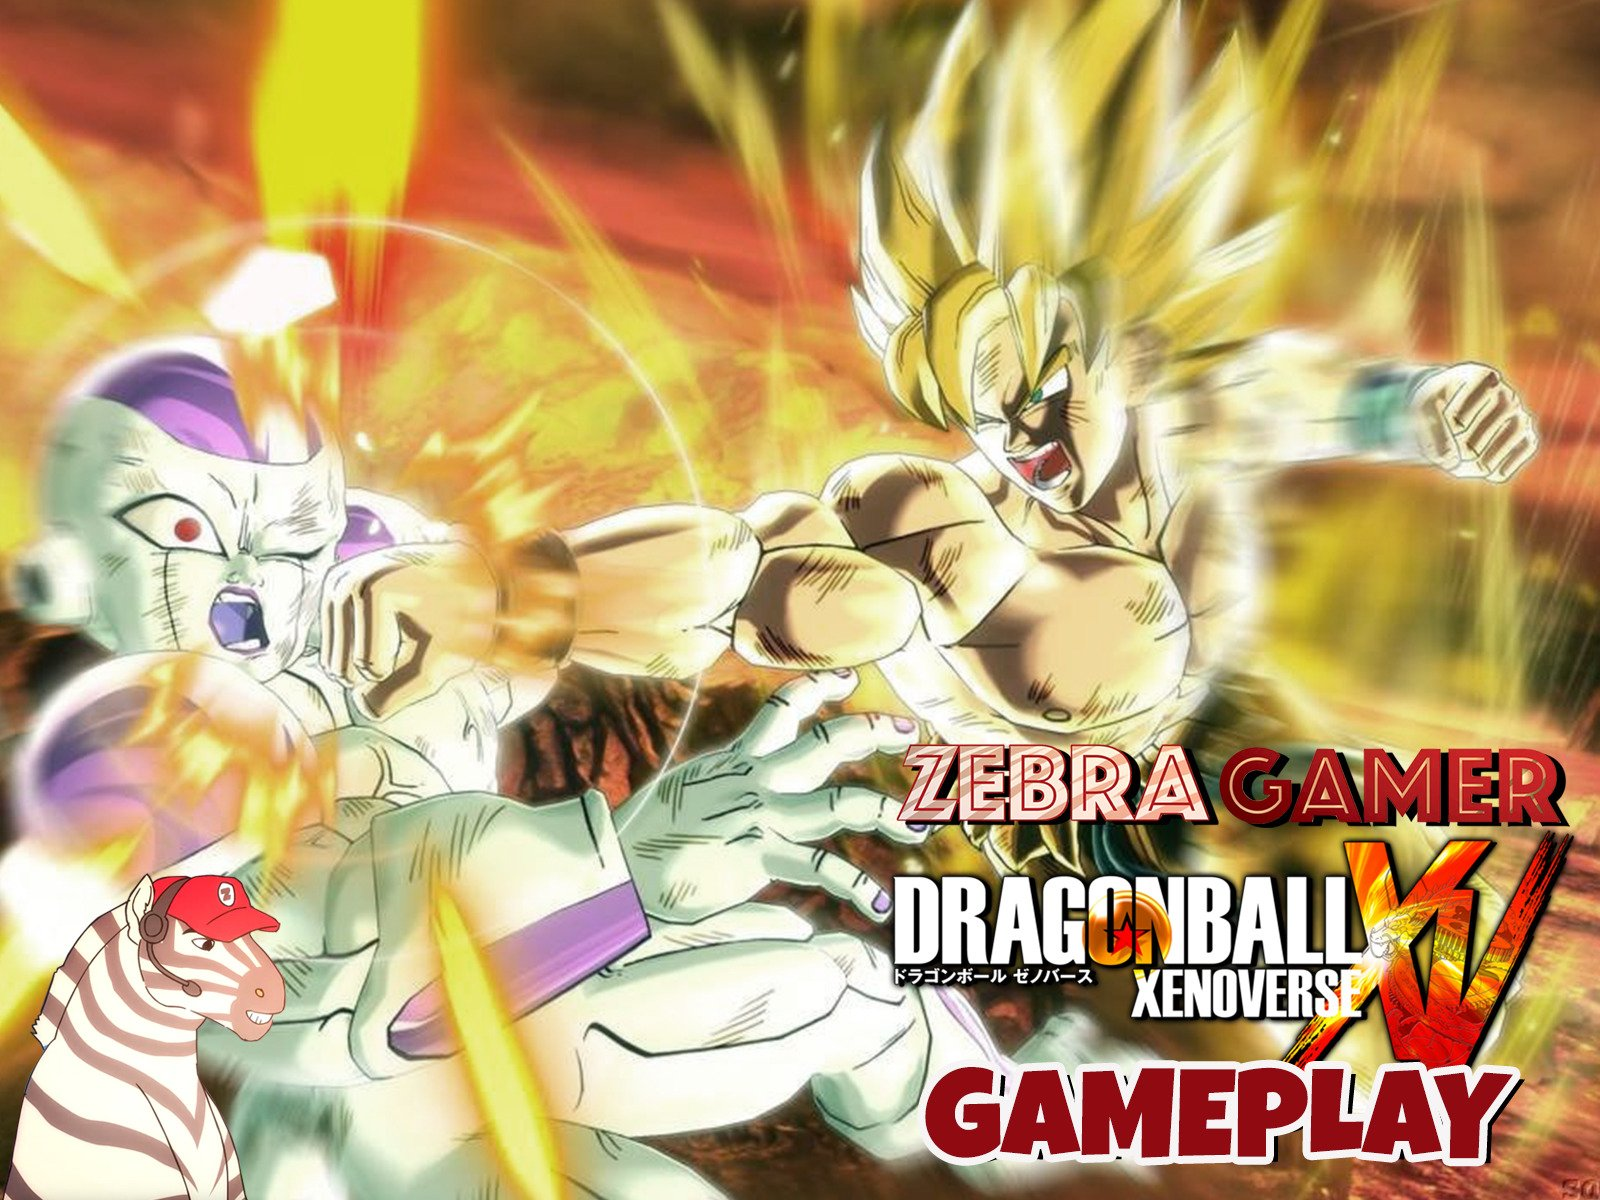 Dragon Ball Xenoverse Gameplay on Amazon Prime Video UK